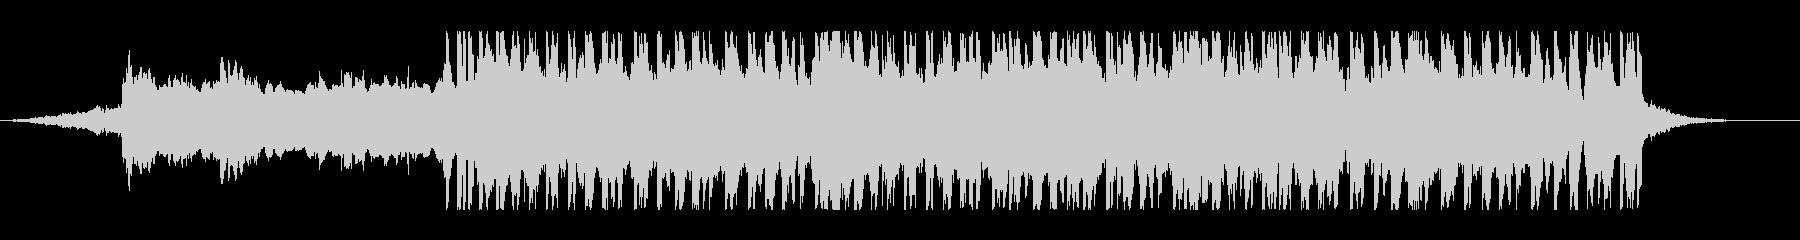 1分CM仕様/機械的/アナーキーなロックの未再生の波形